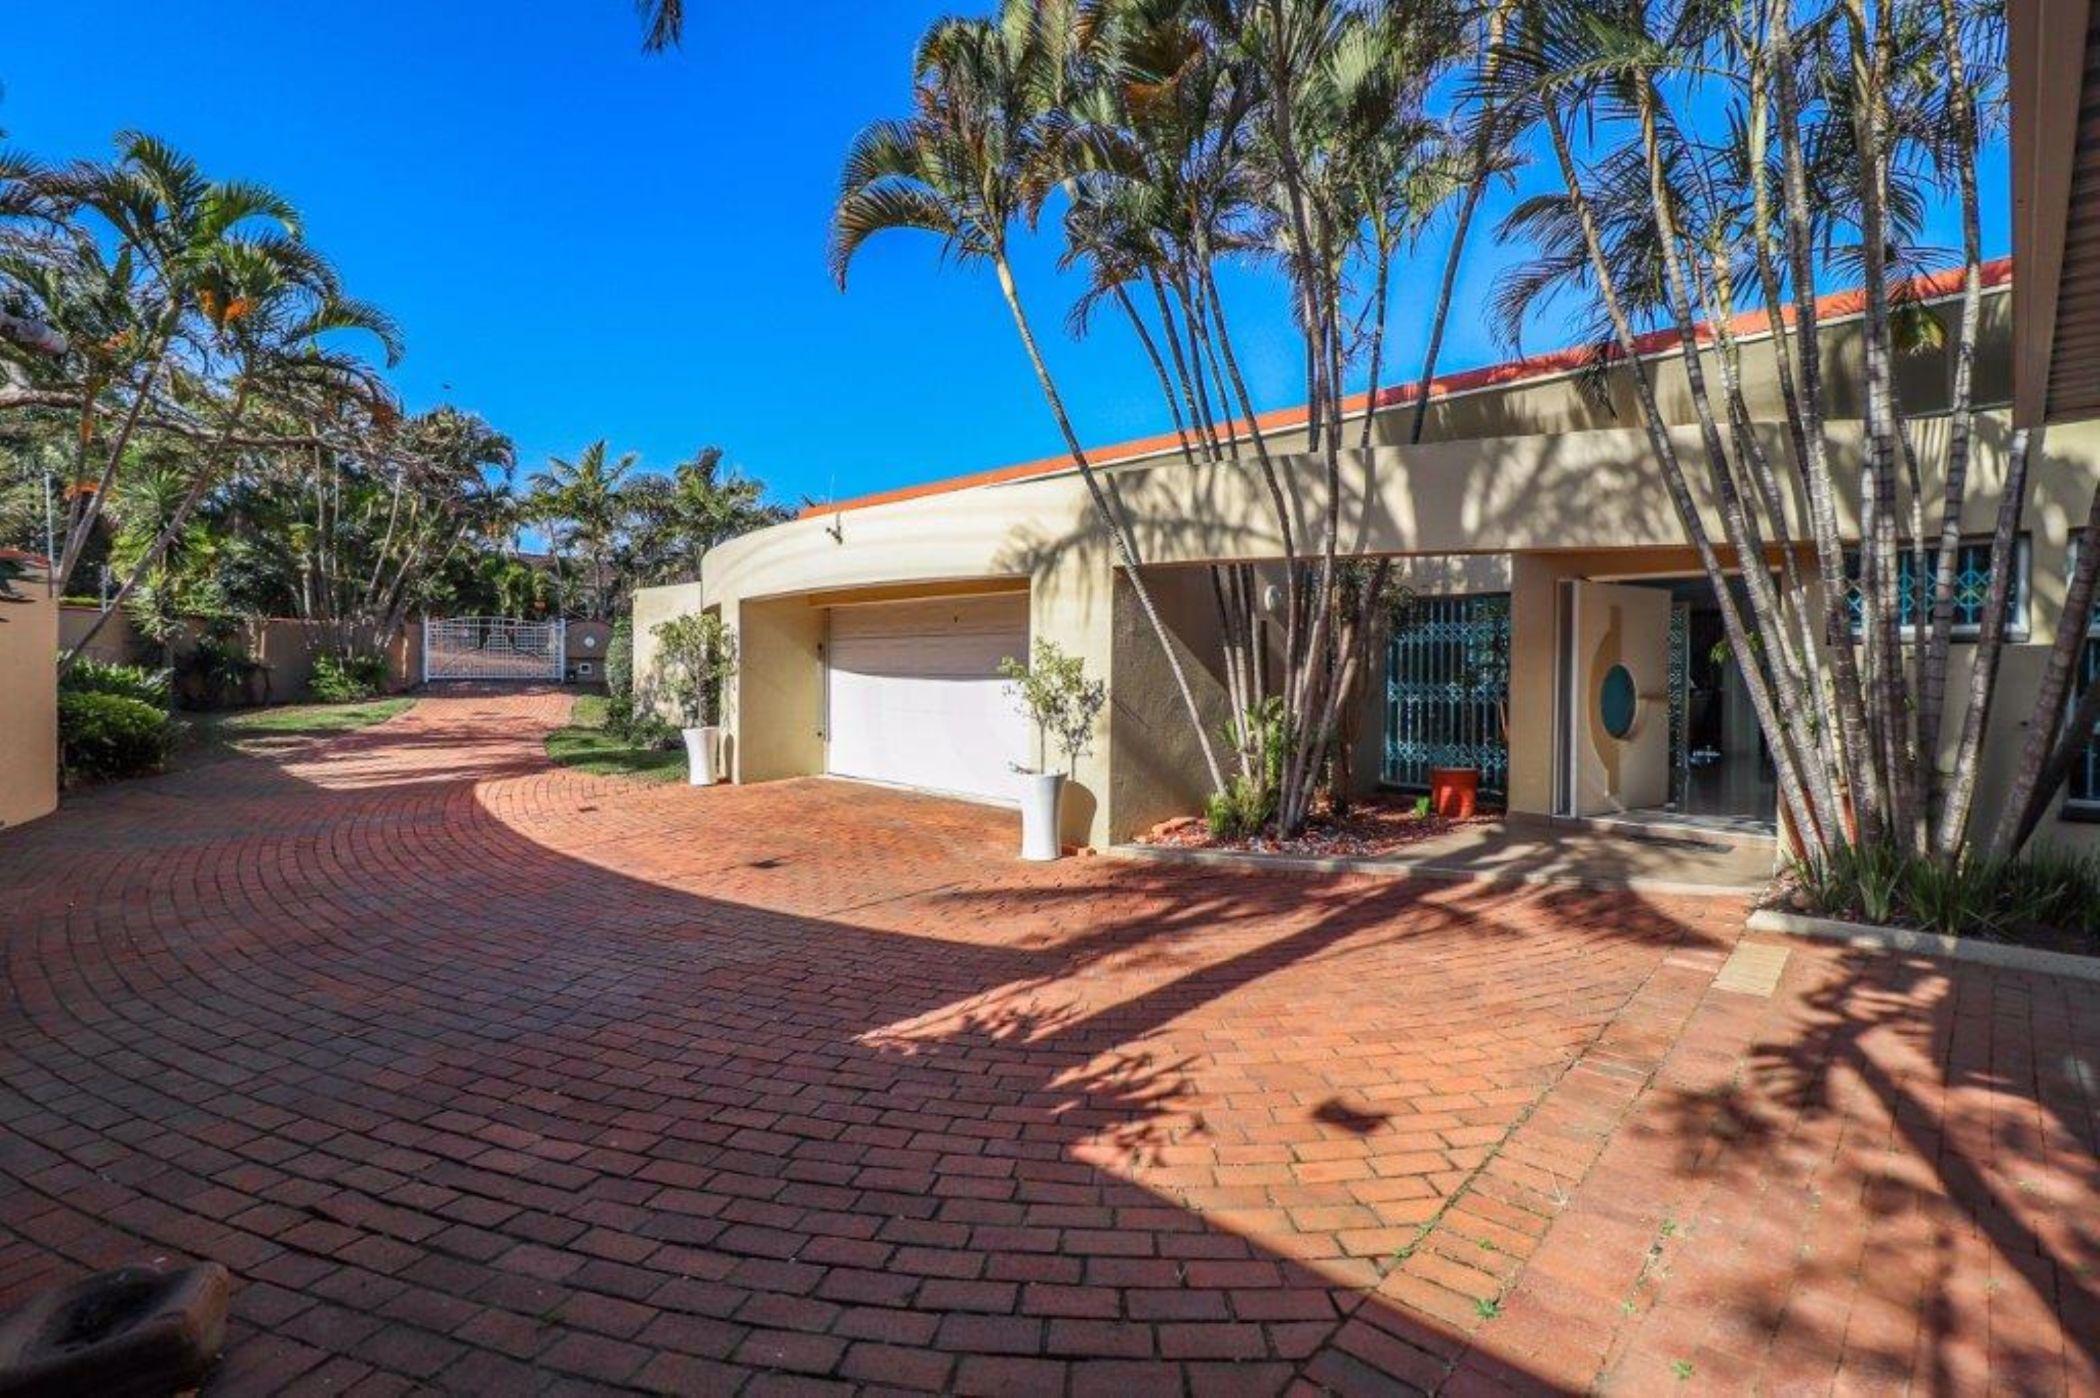 3 bedroom house for sale in Reservoir Hills